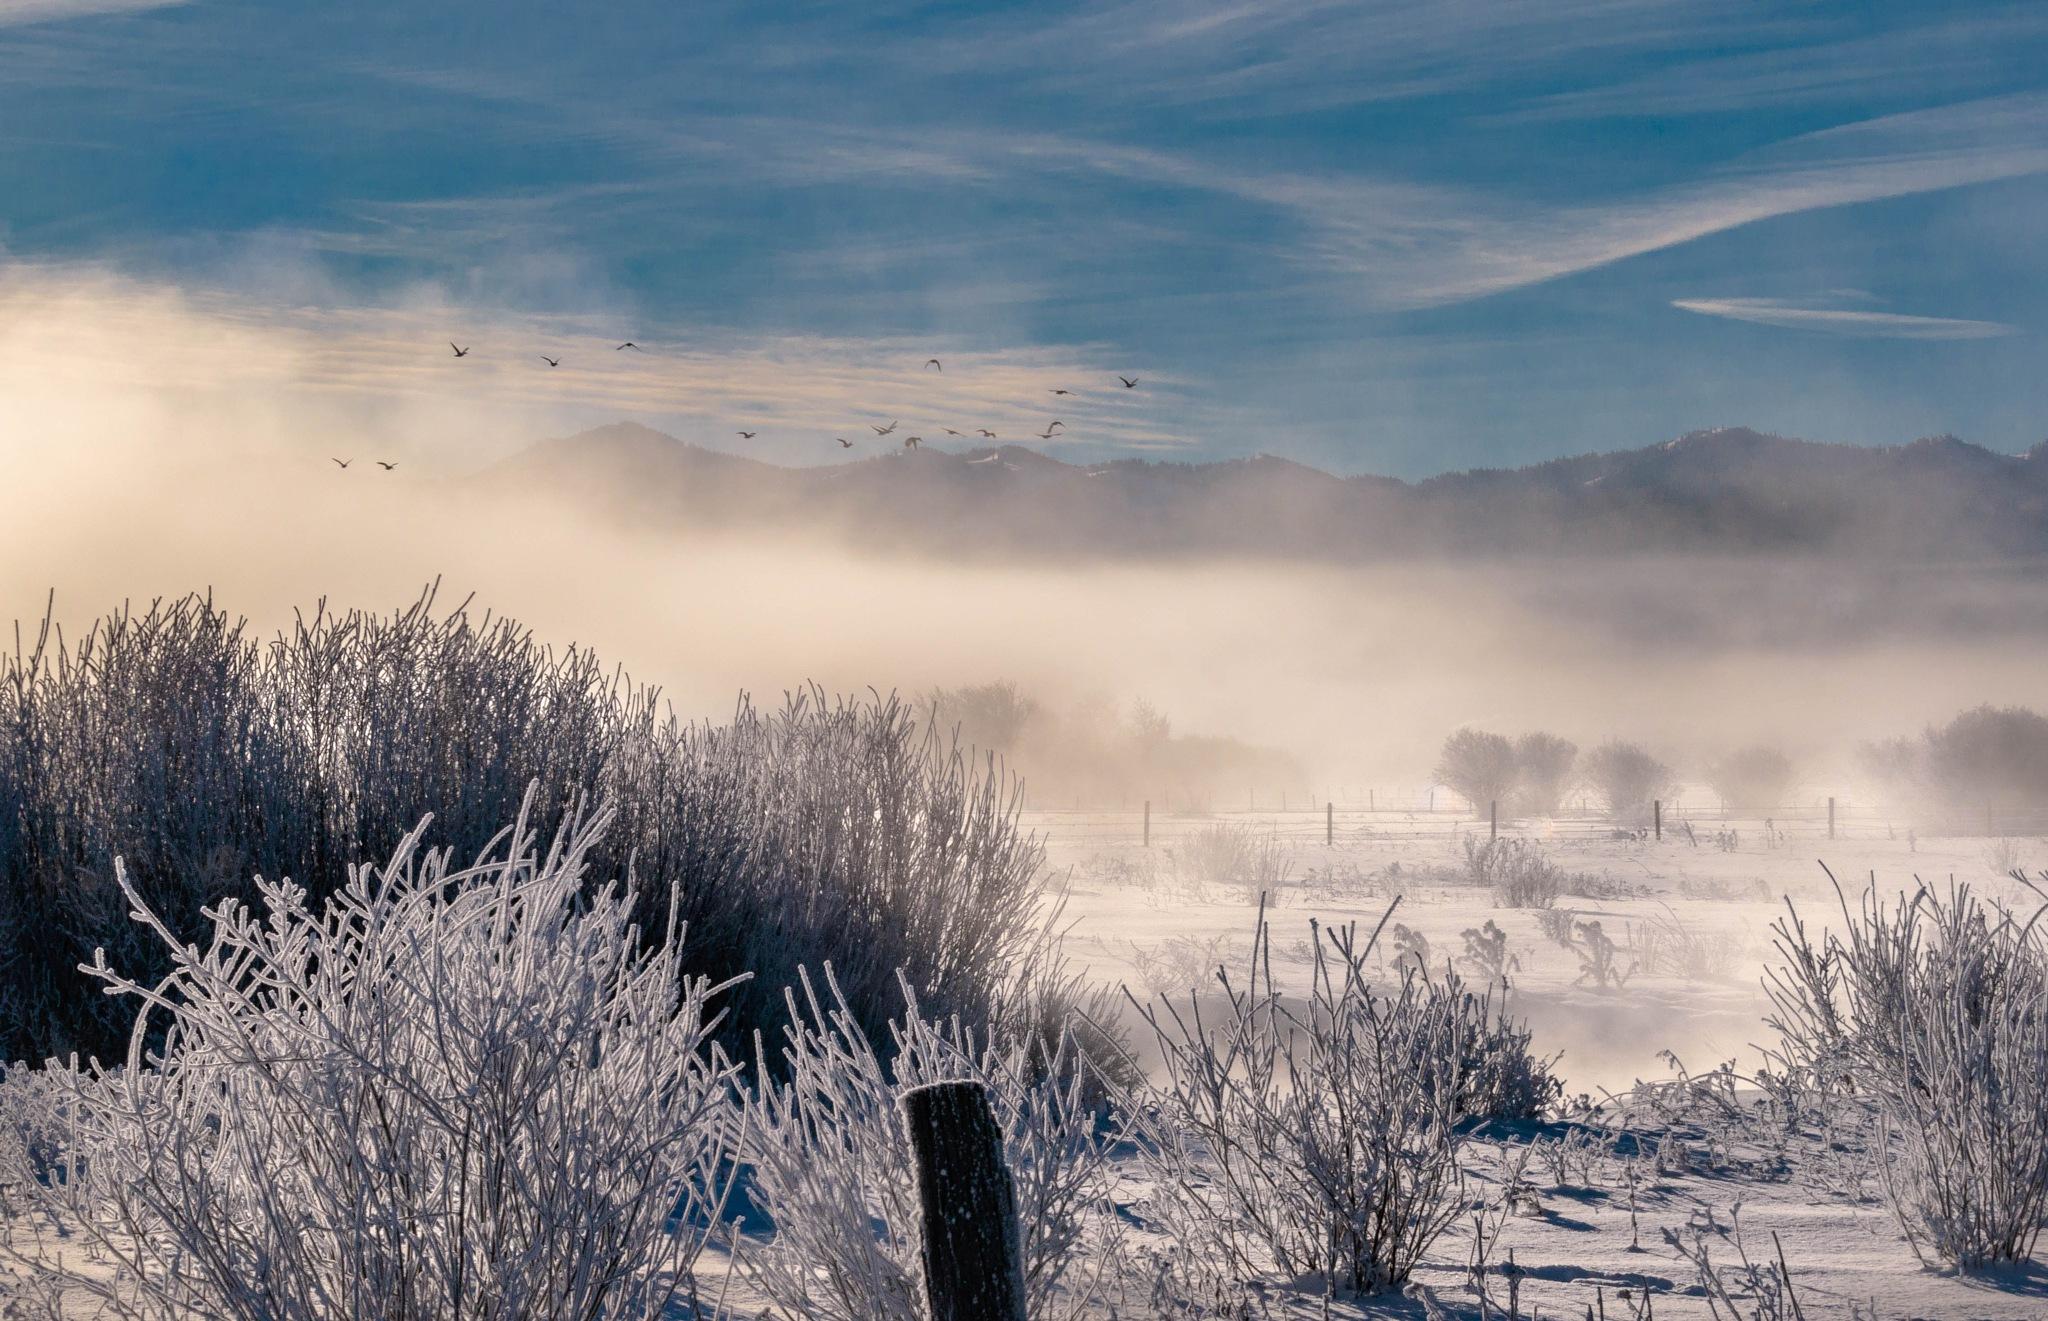 Frozen Scene by drchad480